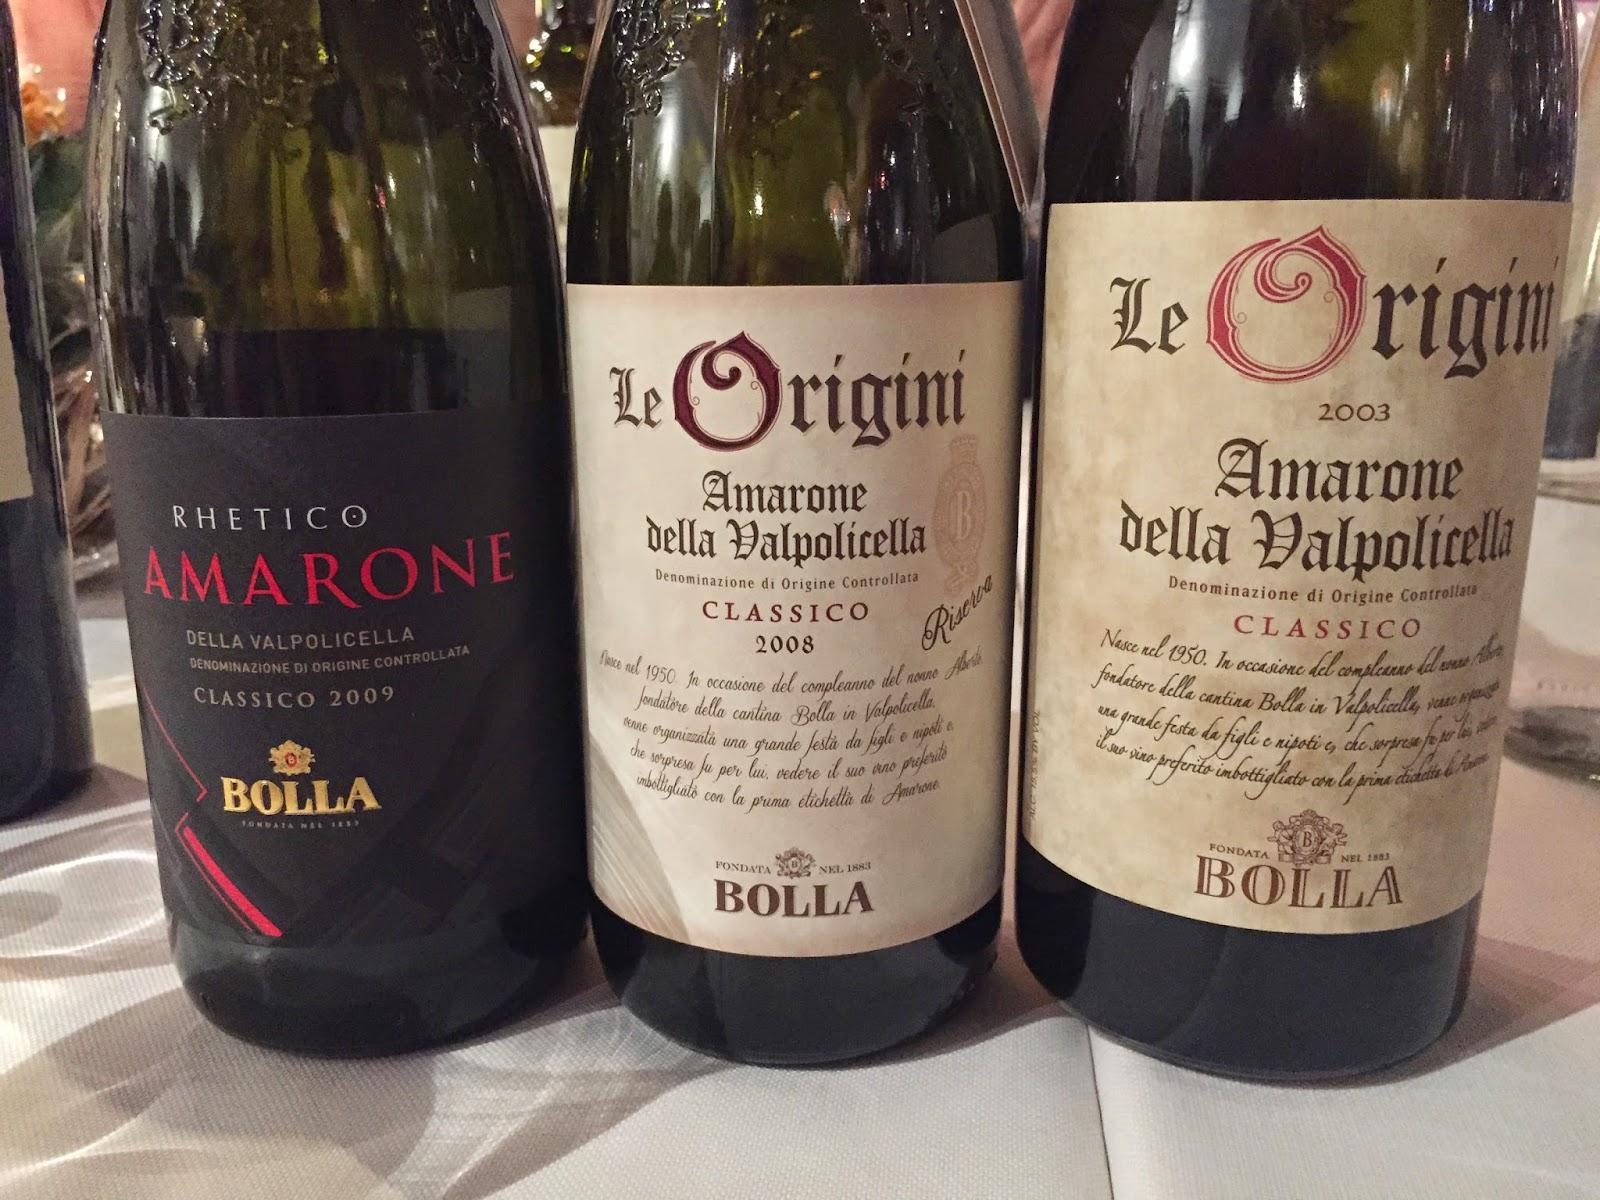 Bolla Rhetico and Le Origini Amarone della Valpolicella